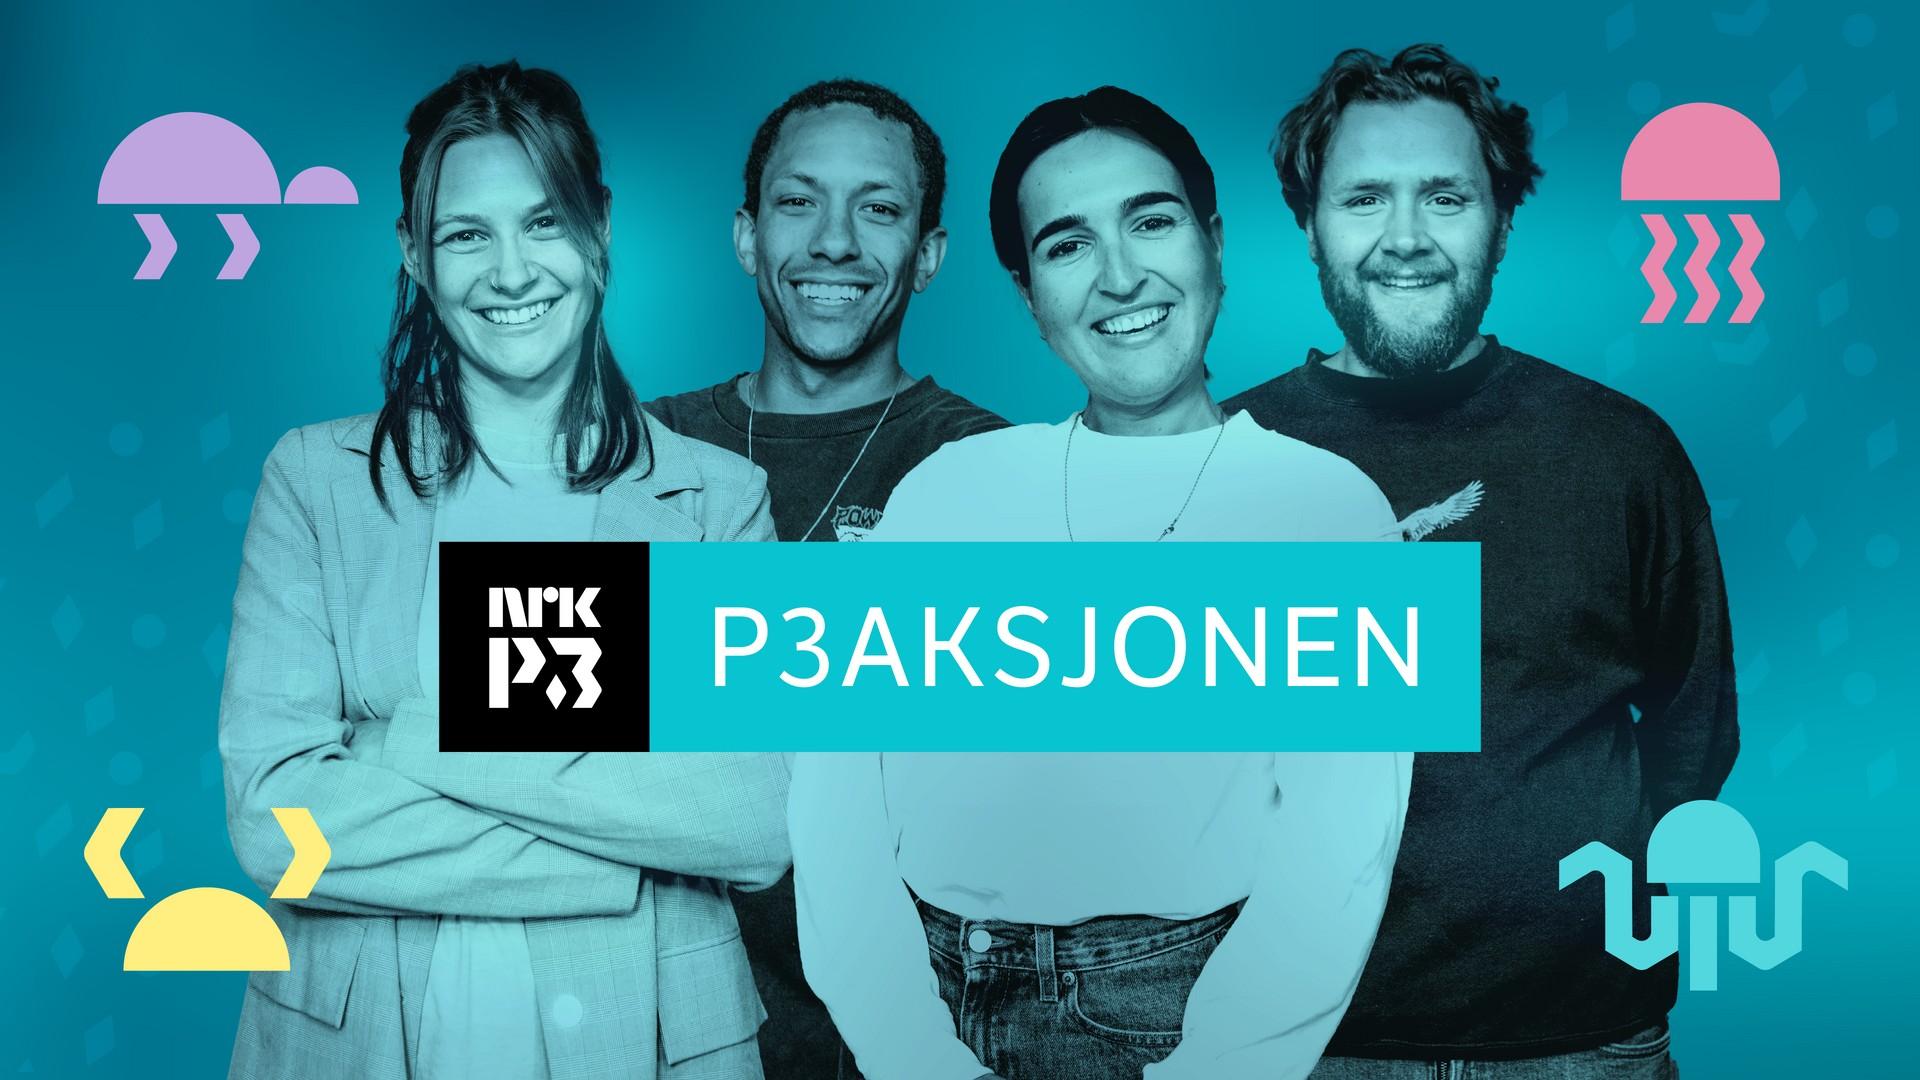 Nrk Tv P3aksjonen Pa Tv P3aksjonen 2020